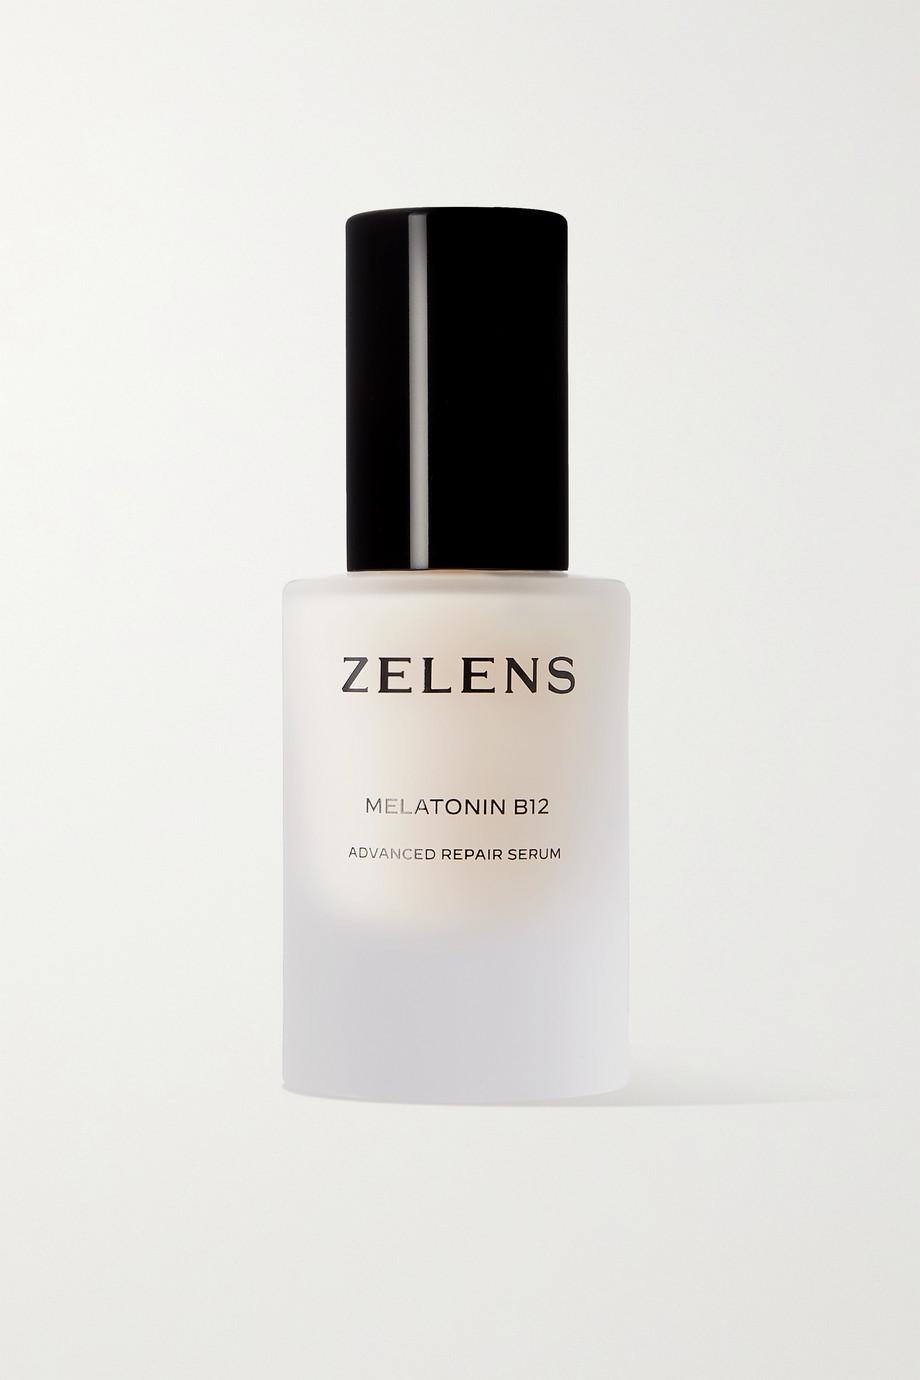 Zelens Z Melatonin Night Repair Serum, 30 ml – Serum